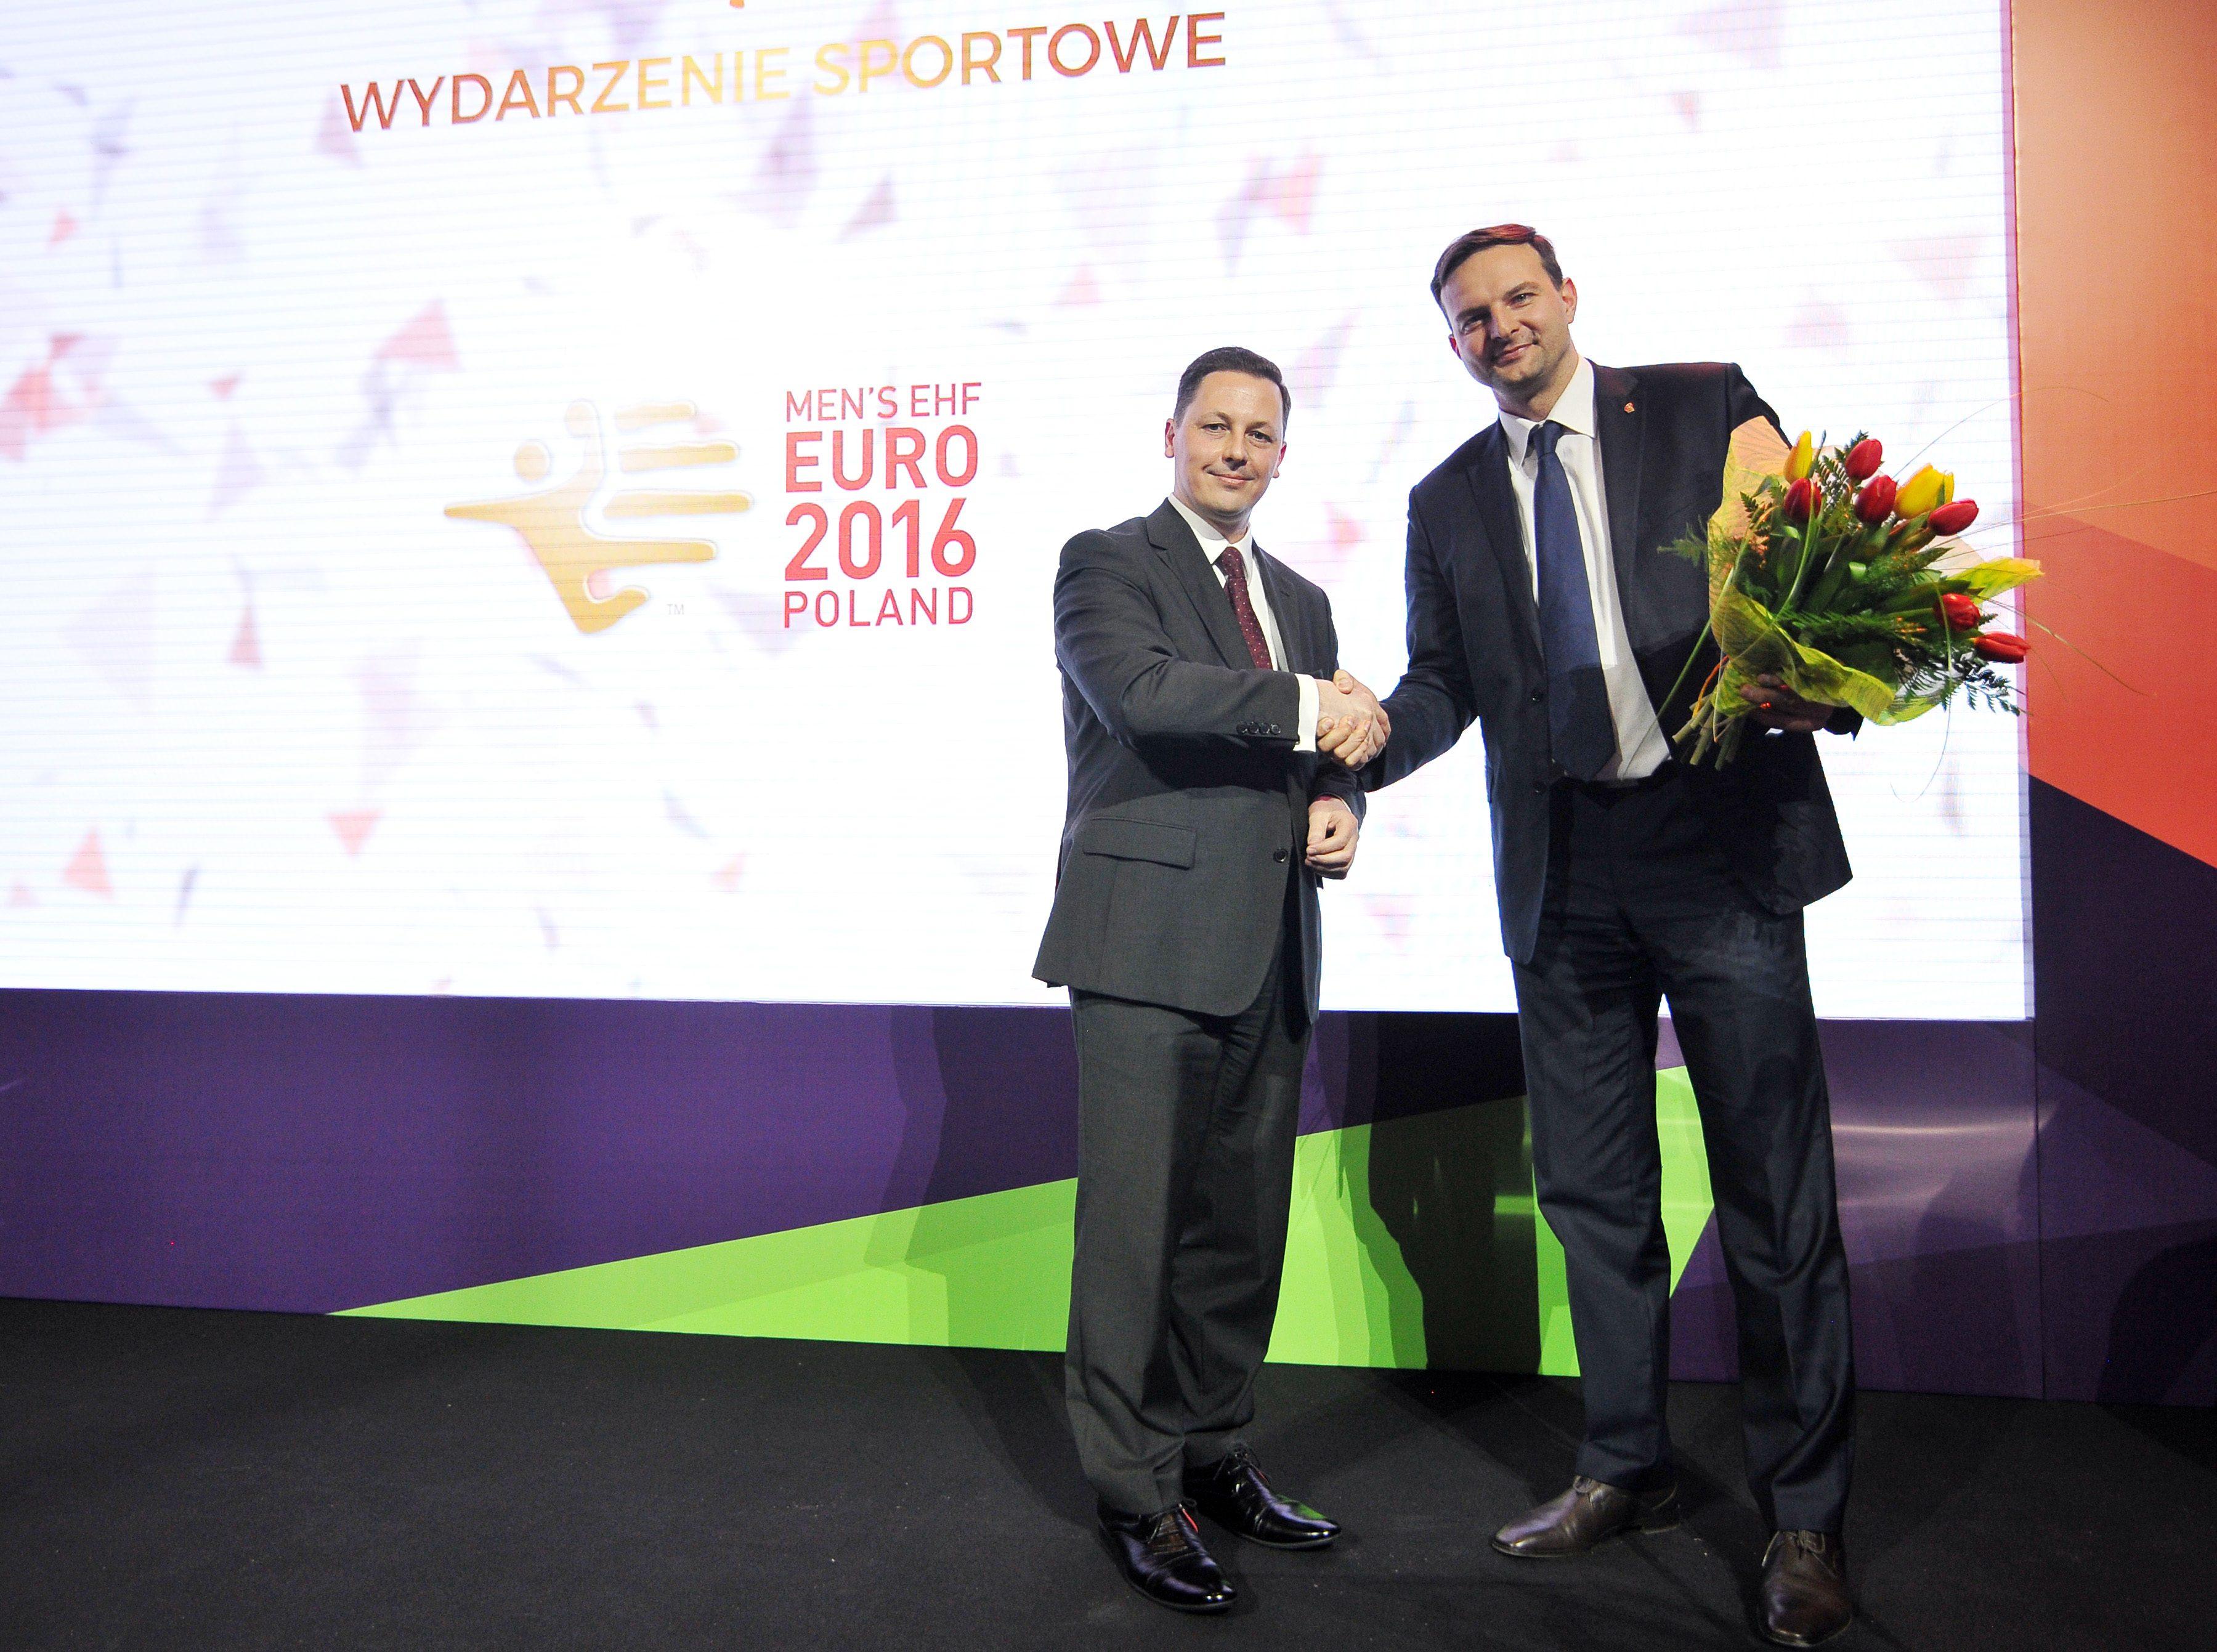 Nagrodę odebrał dyr. ZPRP ds. Relacji Zewnętrznych Damian Drobik